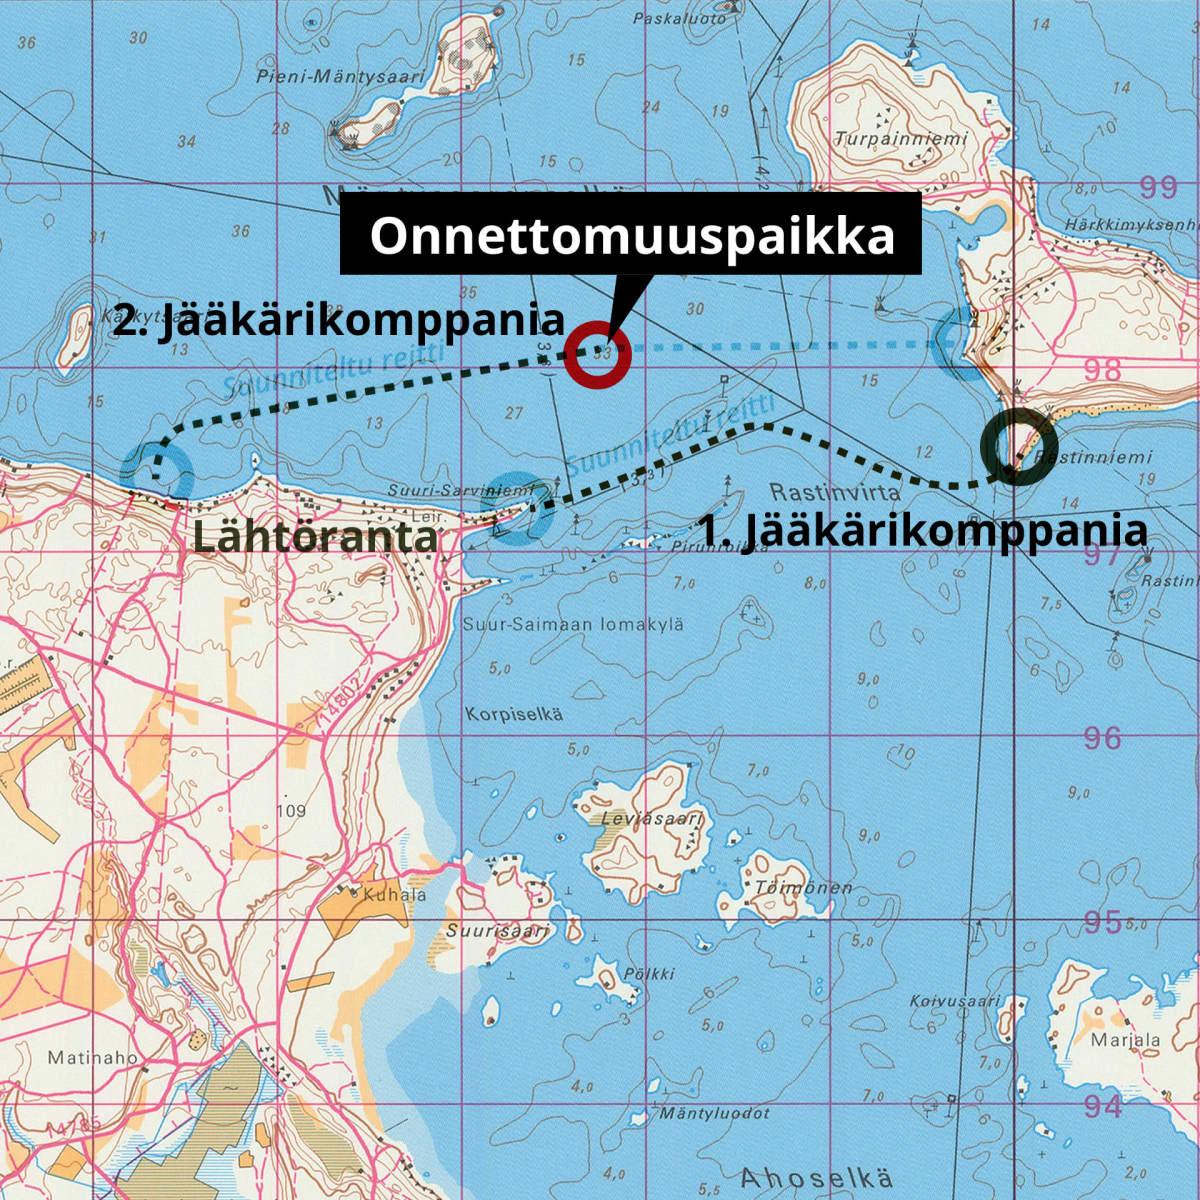 Karttagrafiikka Taipalsaaren onnettomuudesta, onnettomuuspaikka